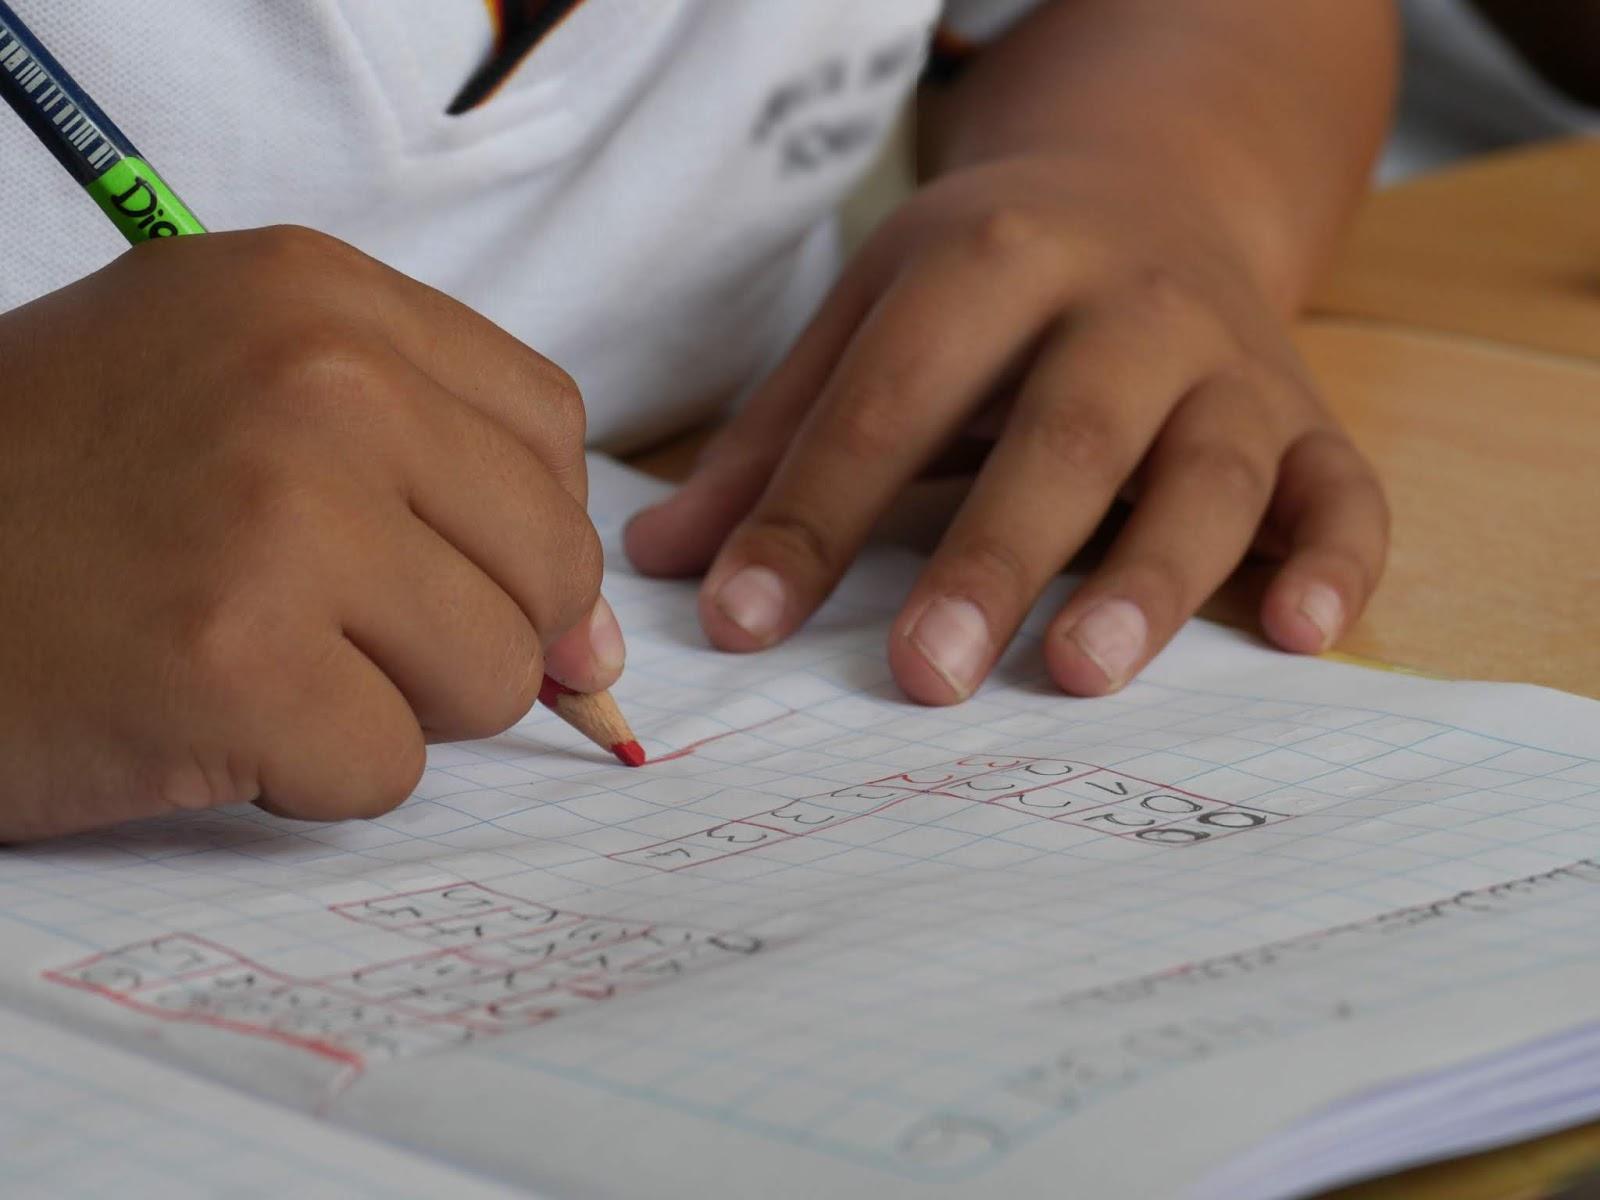 arapan setiap orang tua dan guru adalah generasi Generasi Cilik Indonesia Berhasil, Didapat Dengan Metode Pembelajaran Yang Tepat